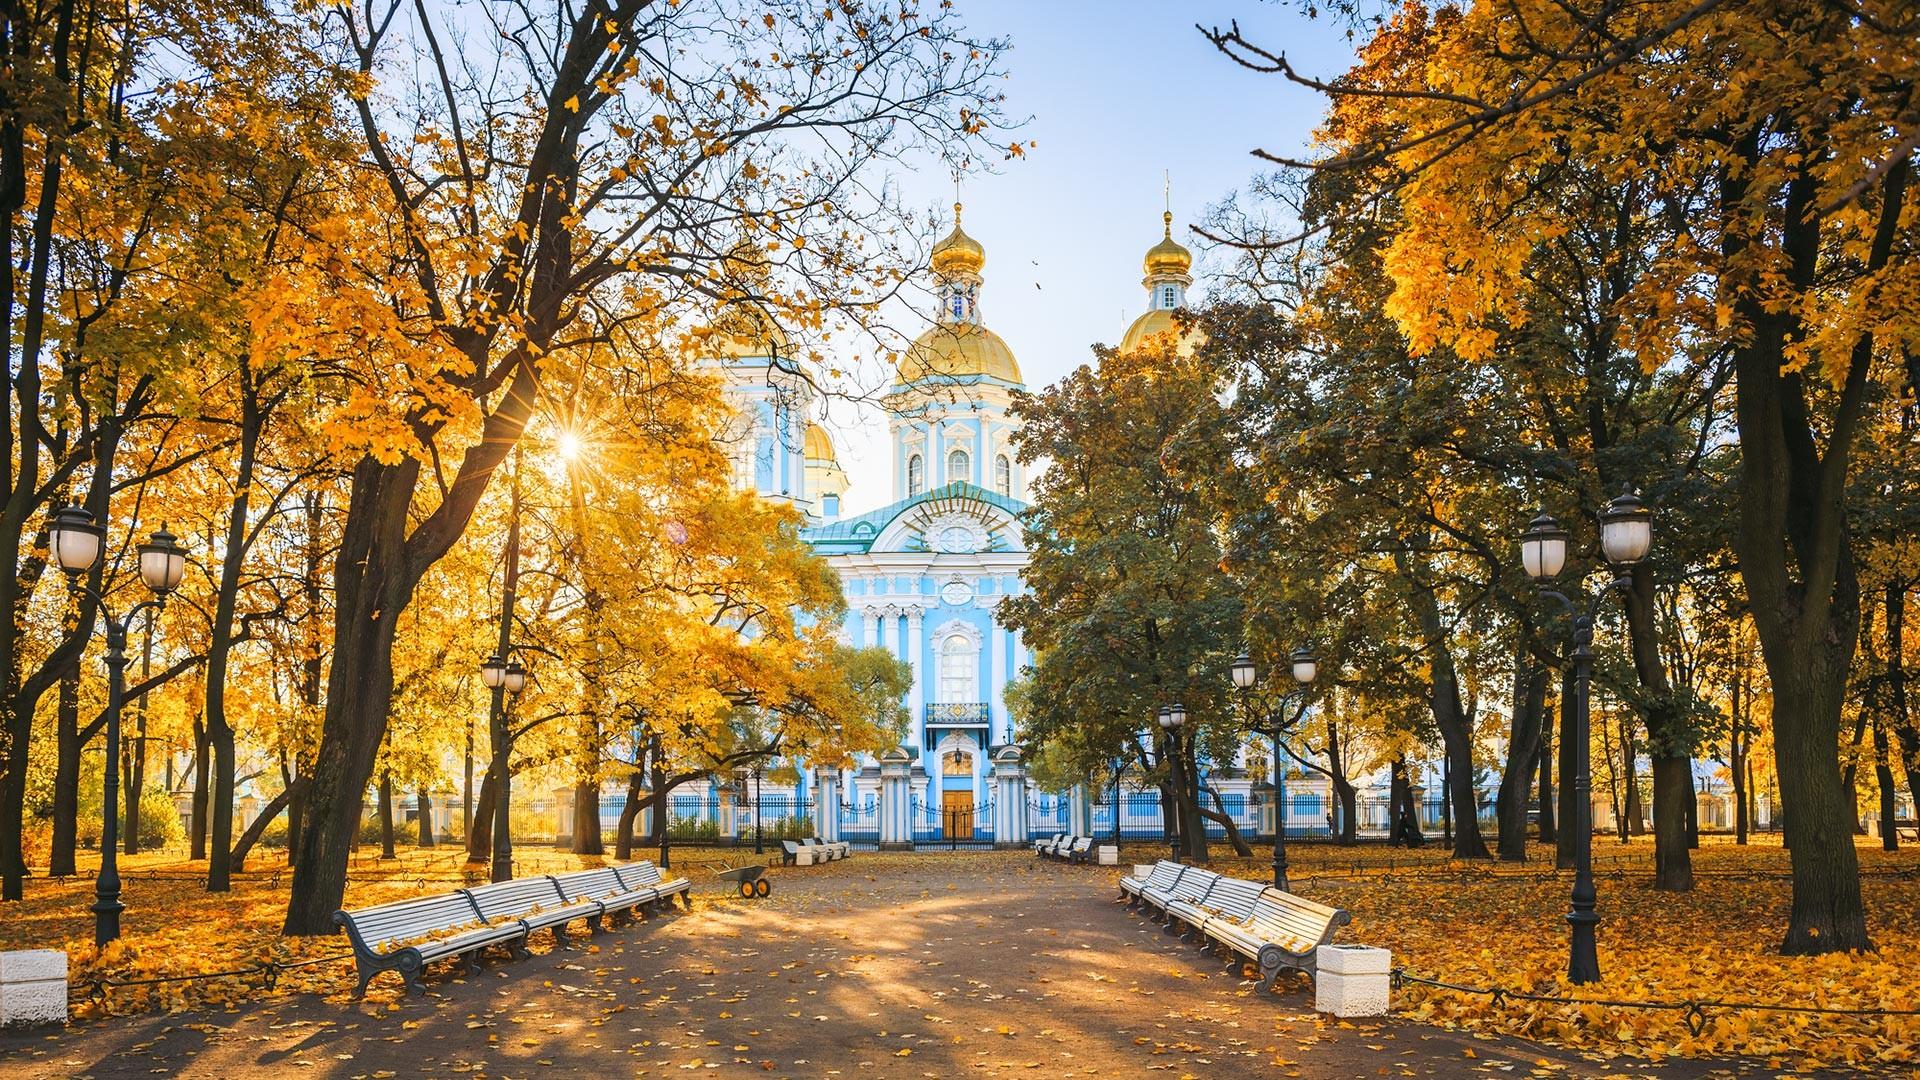 Musim gugur di Katedral Angkatan Laut Nikolsky, Sankt Peterburg.